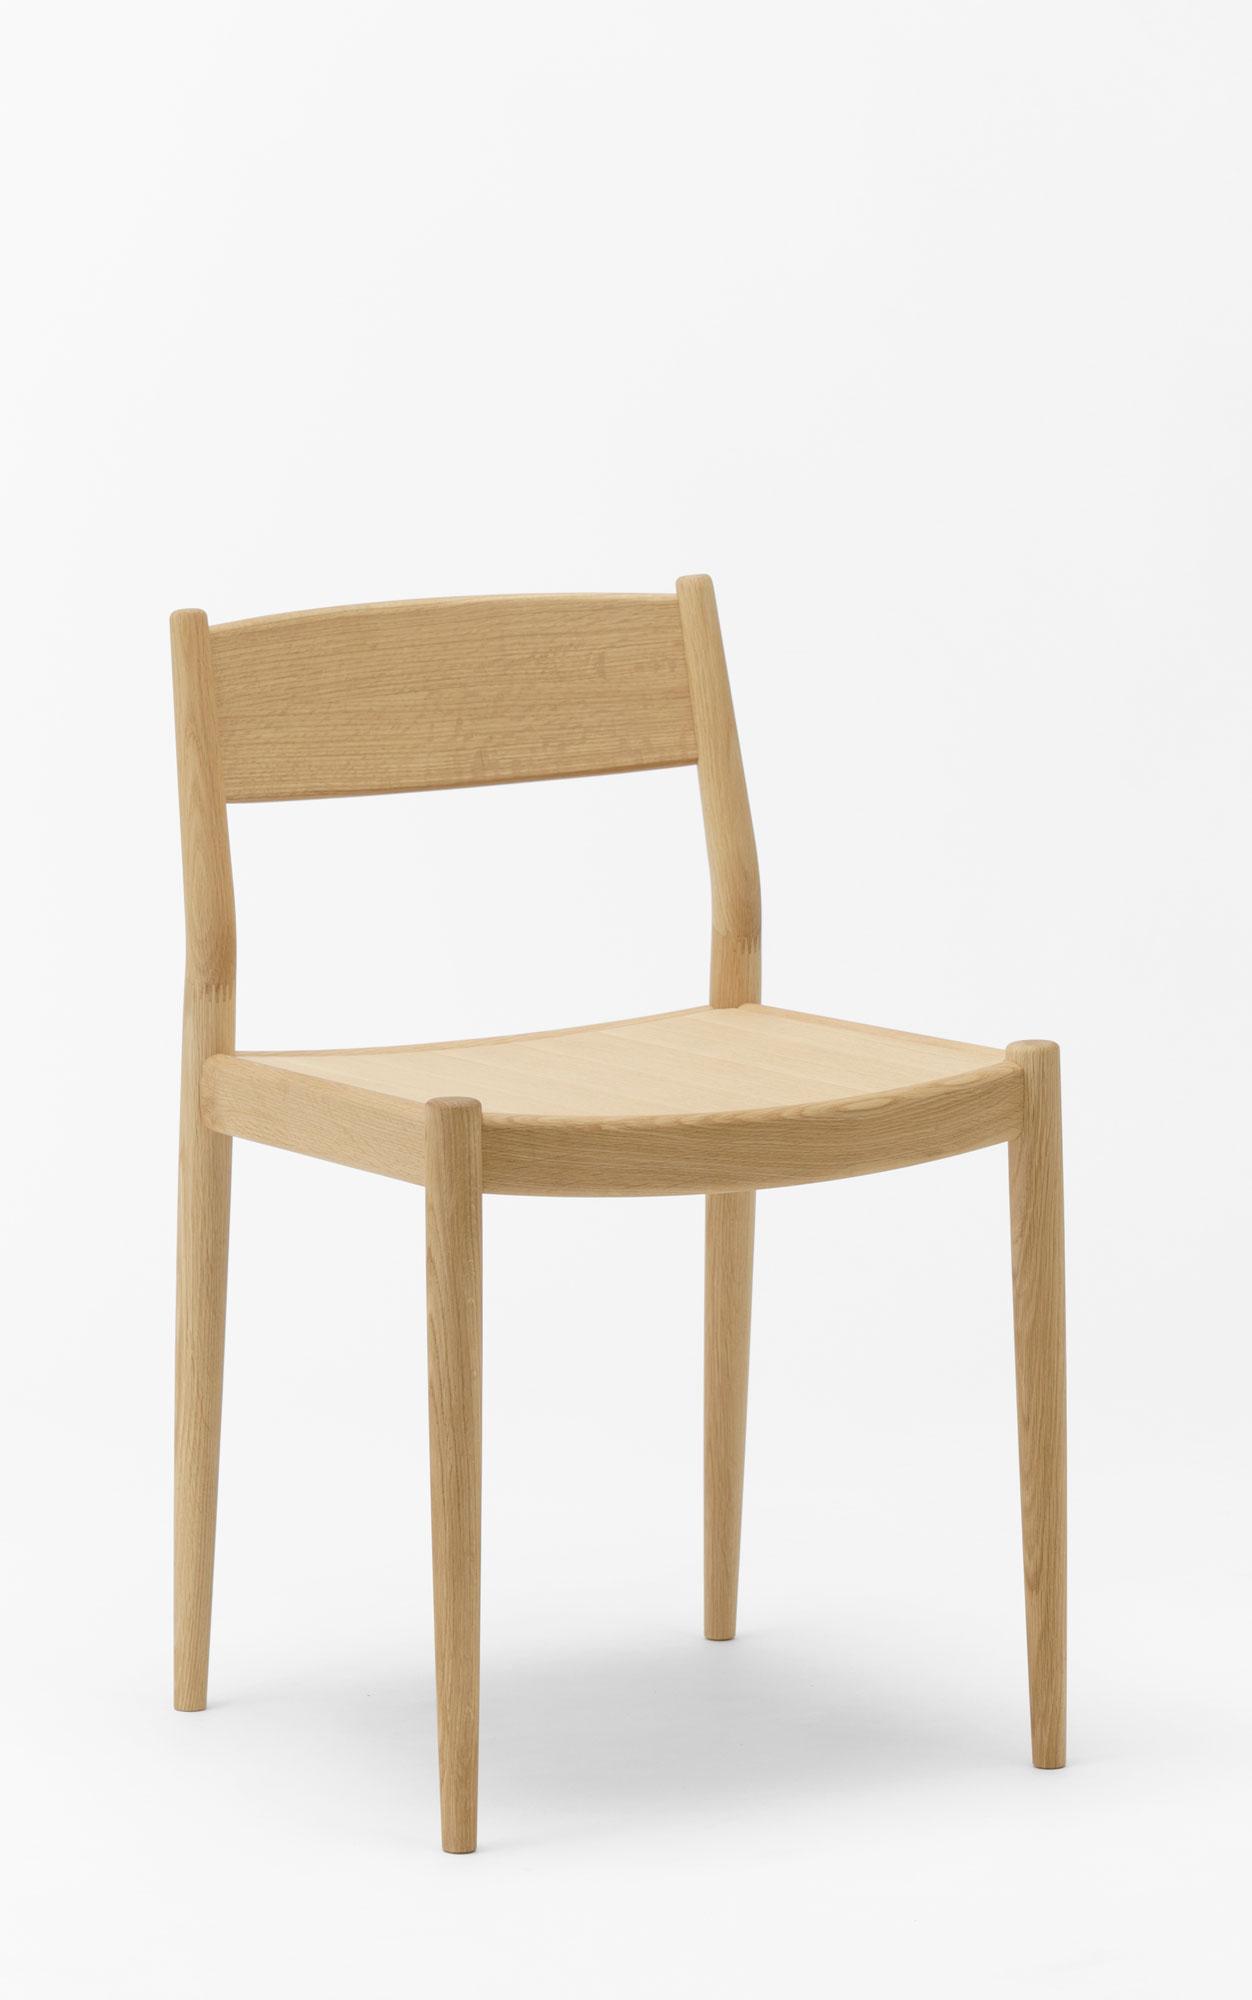 Schlanker Stuhl von Keiji Ashizawa und Norm Architects für Karimoku Case Study